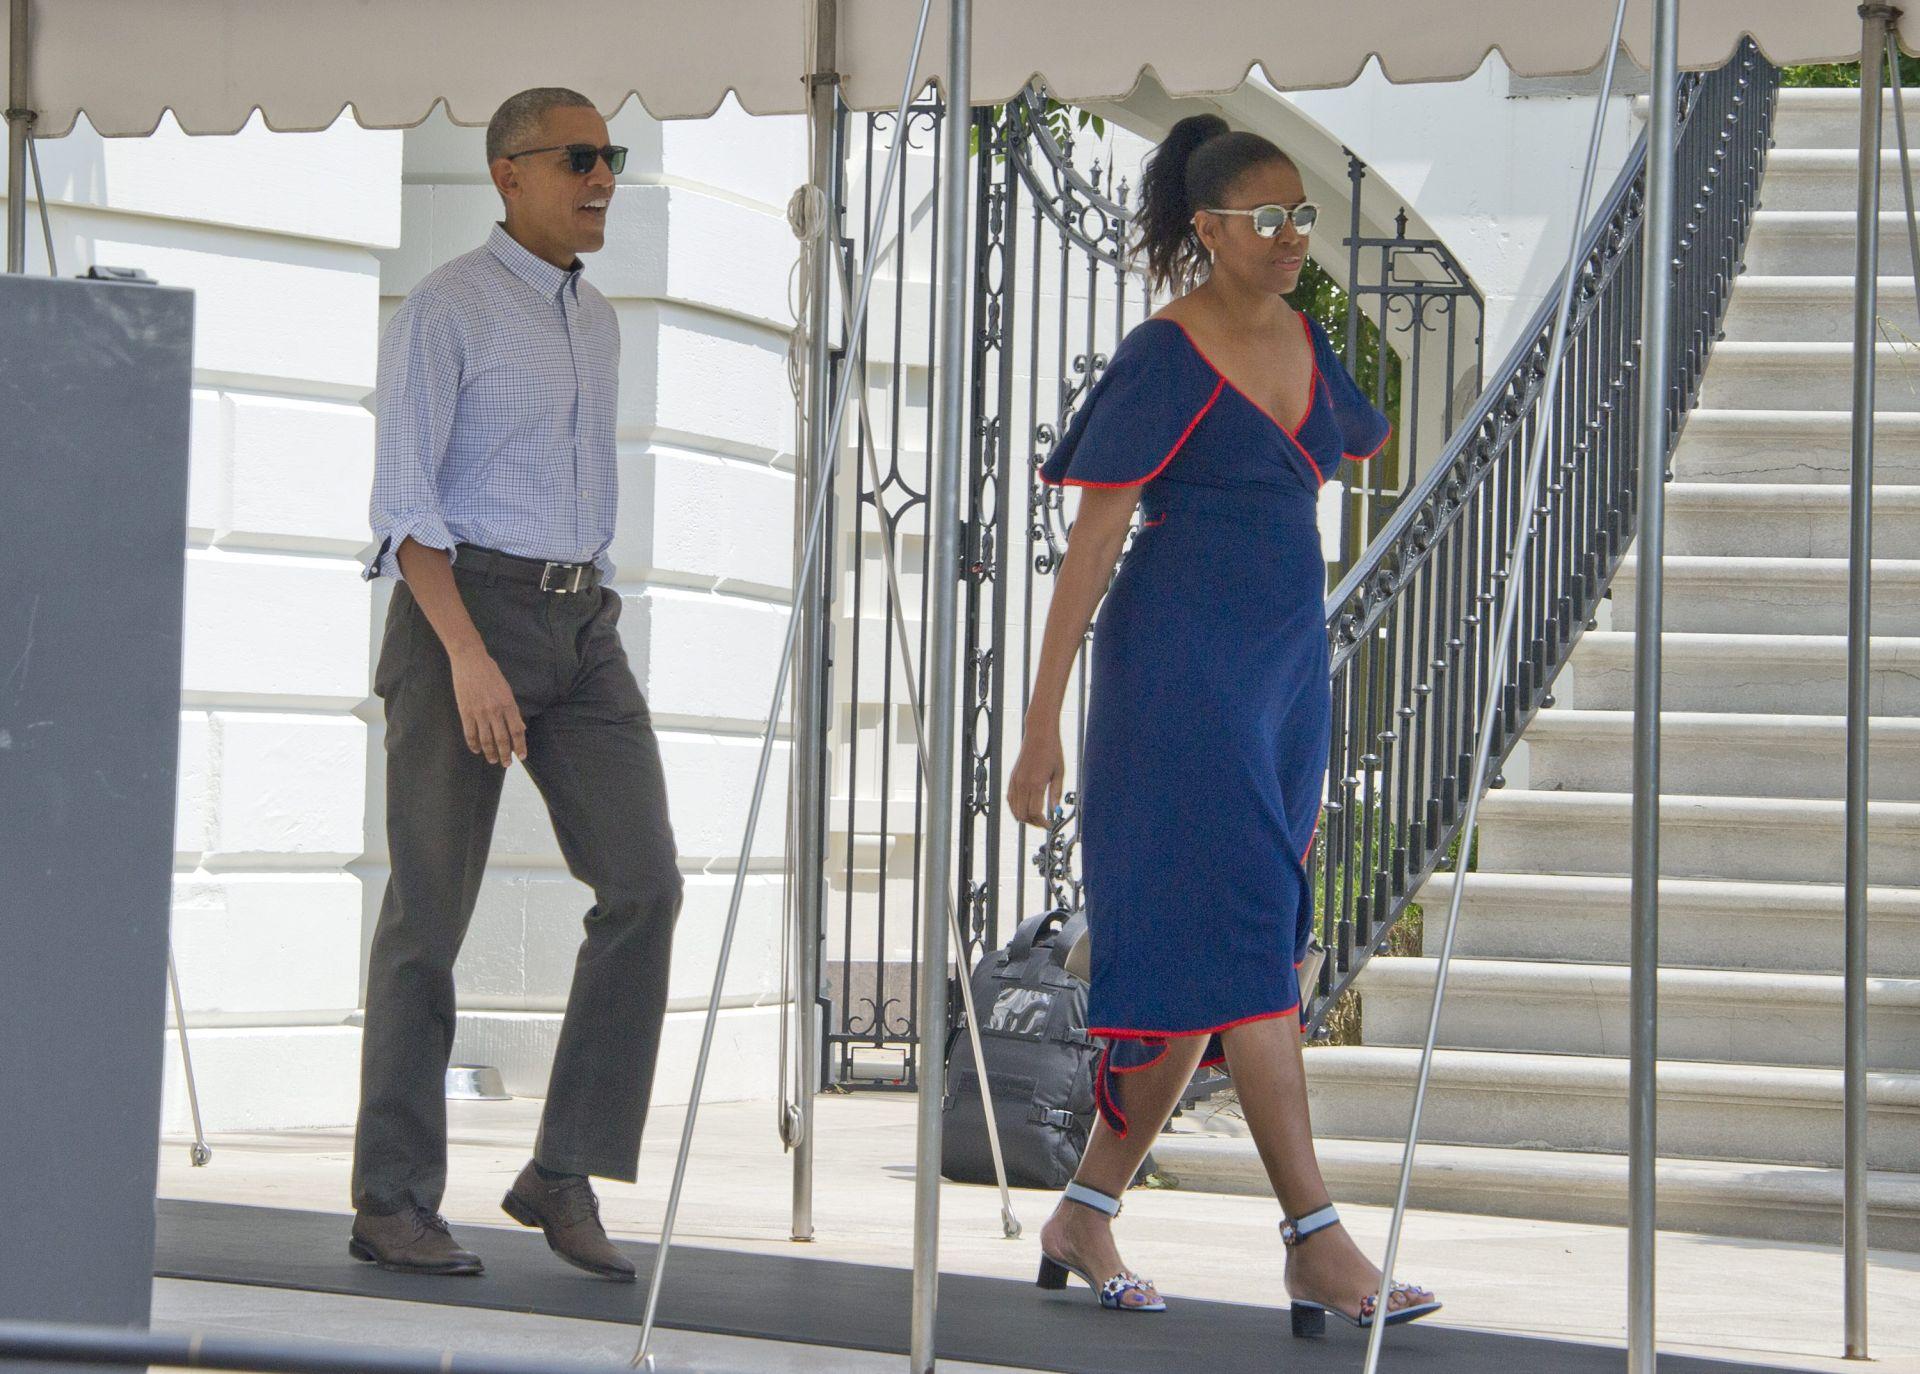 ZAŠTITA OSJETLJIVIH VRSTA: Obama na atolu Midway usred Tihog oceana